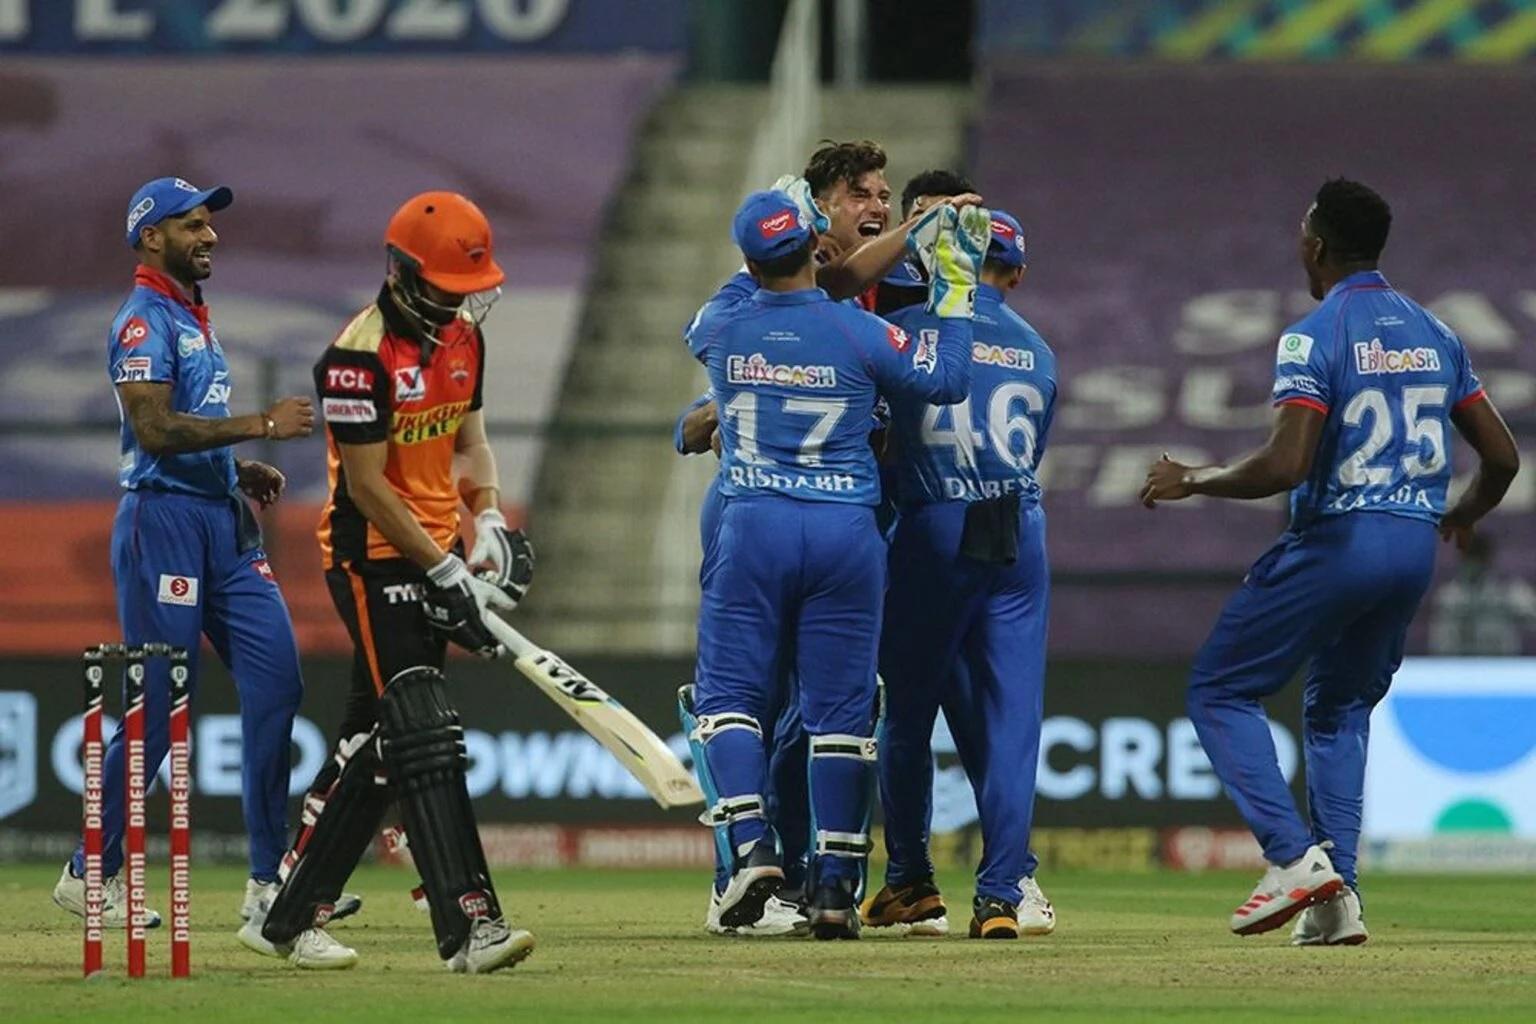 DCvsSRH: হায়দ্রাবাদকে ১৭ রানে হারিয়ে দিল্লির দল প্রথমবার উঠল ফাইনালে 3